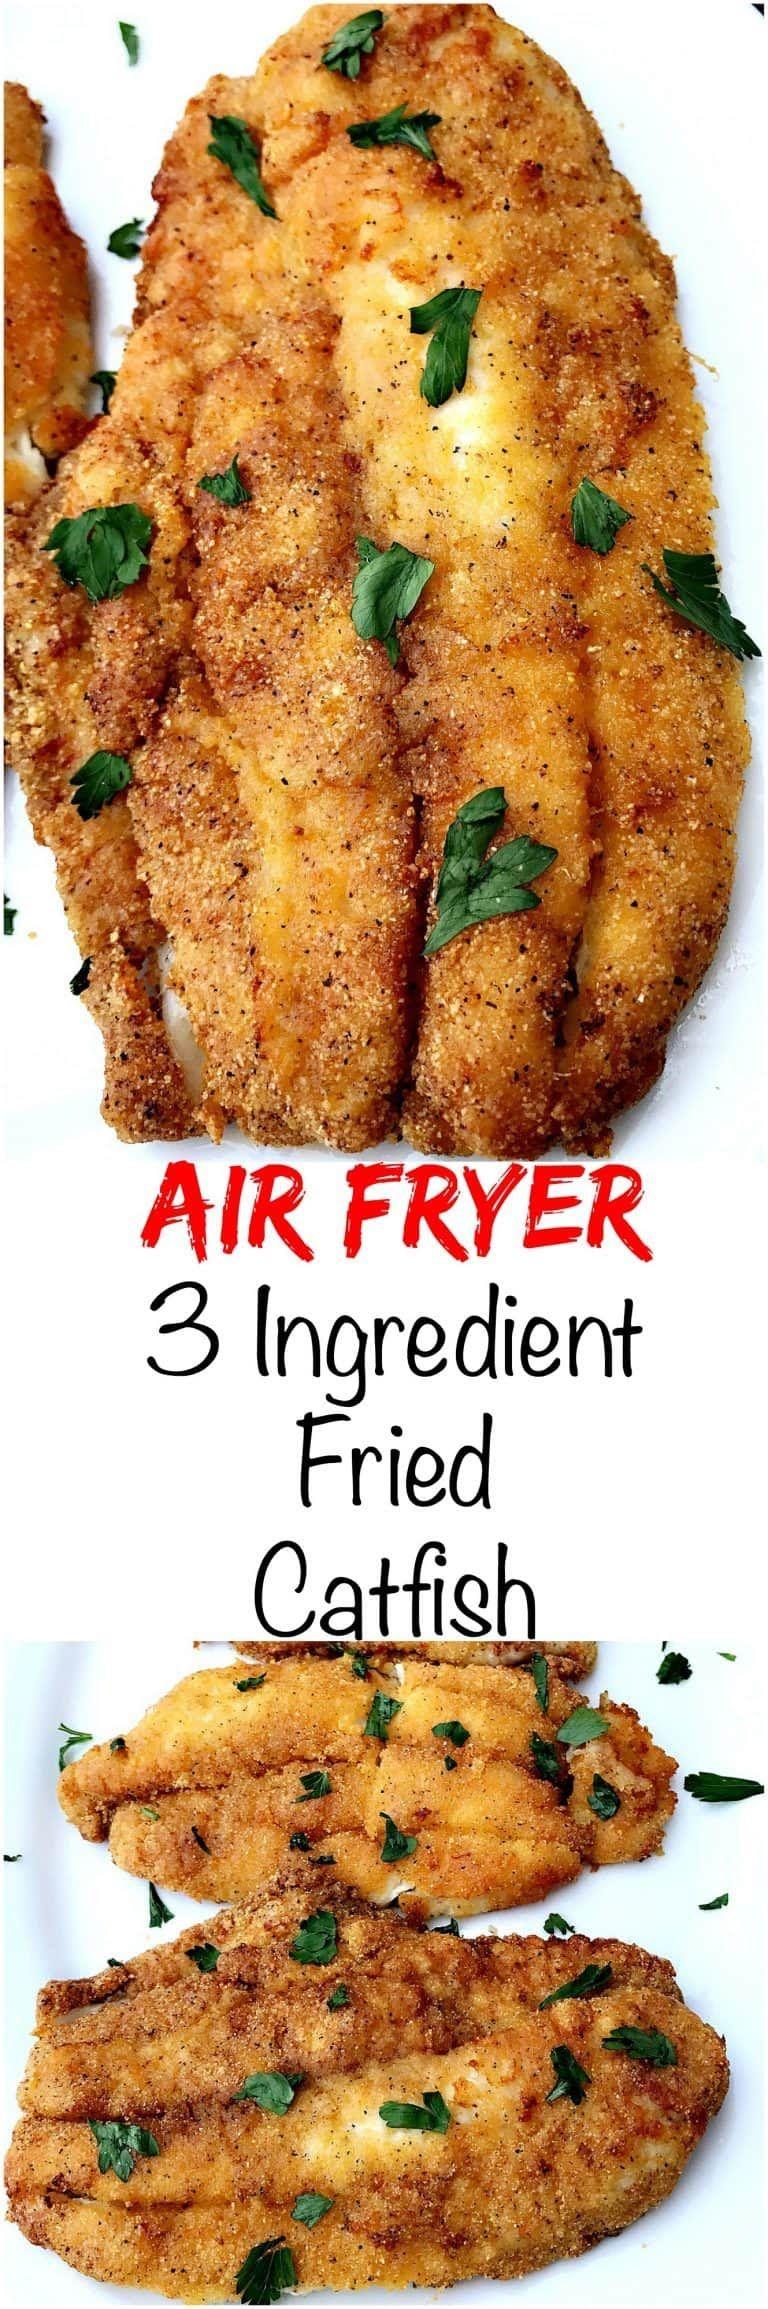 Pan Fried Fish Recipes Low Carb